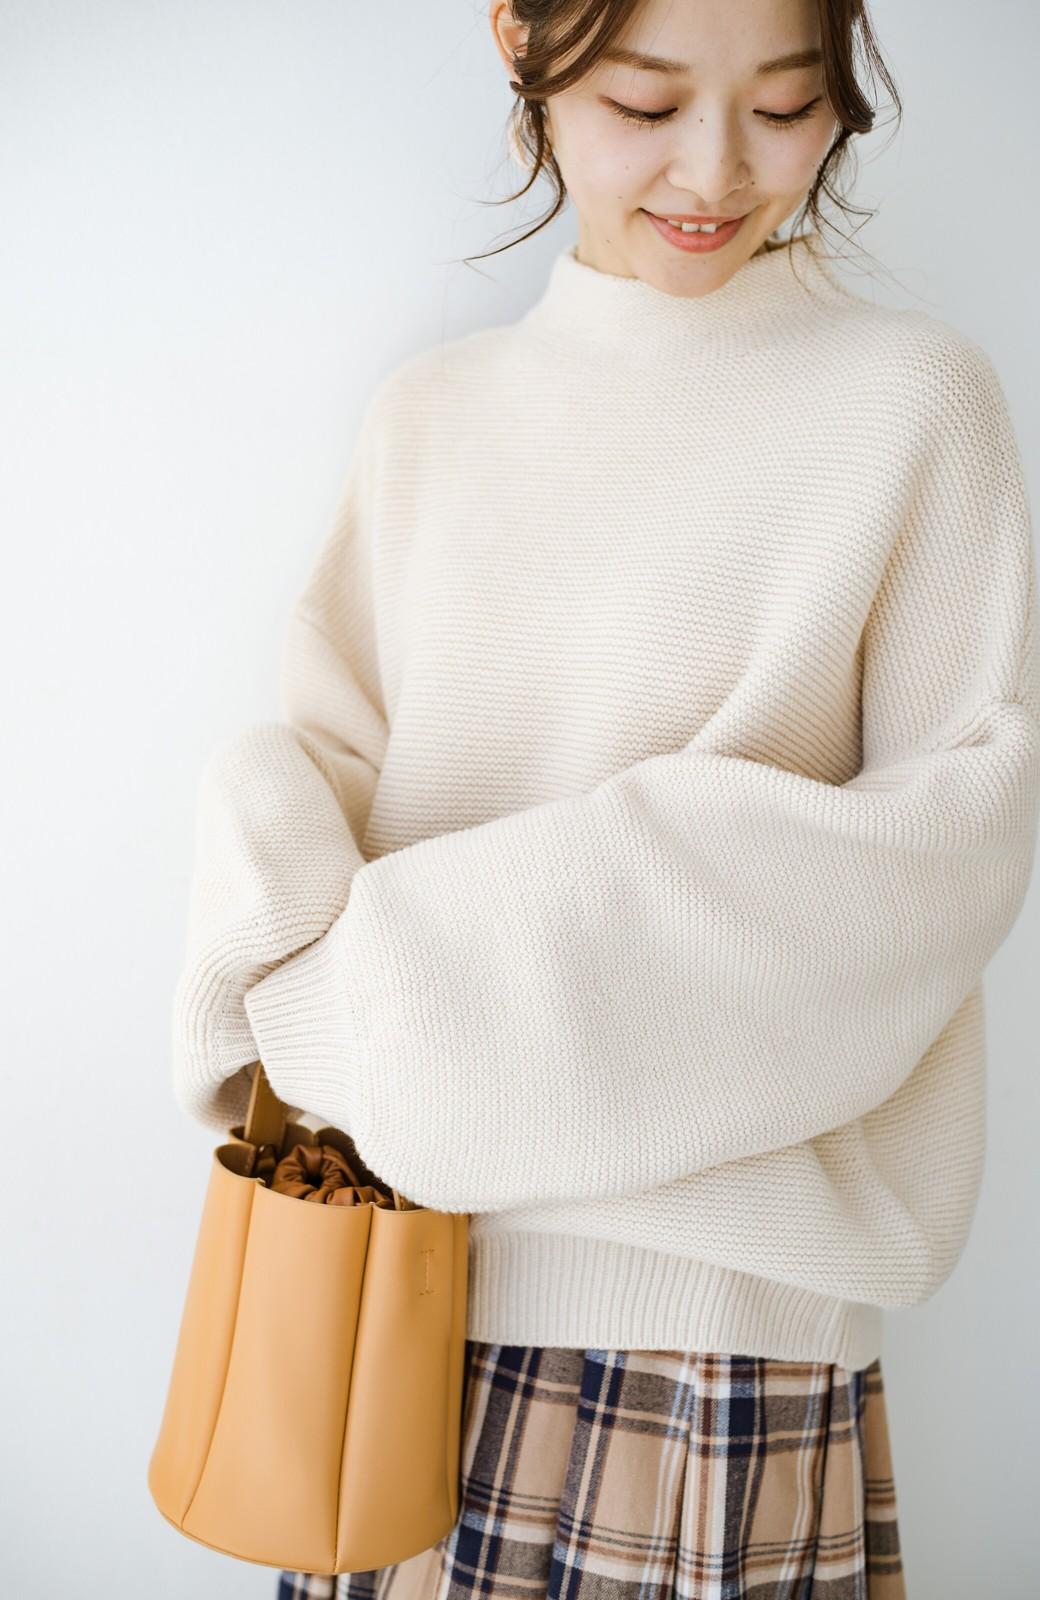 haco! ゆるシルエットも大人っぽい雰囲気にしてくれる 編地がきれいなハイネックニットトップス <オフホワイト>の商品写真5